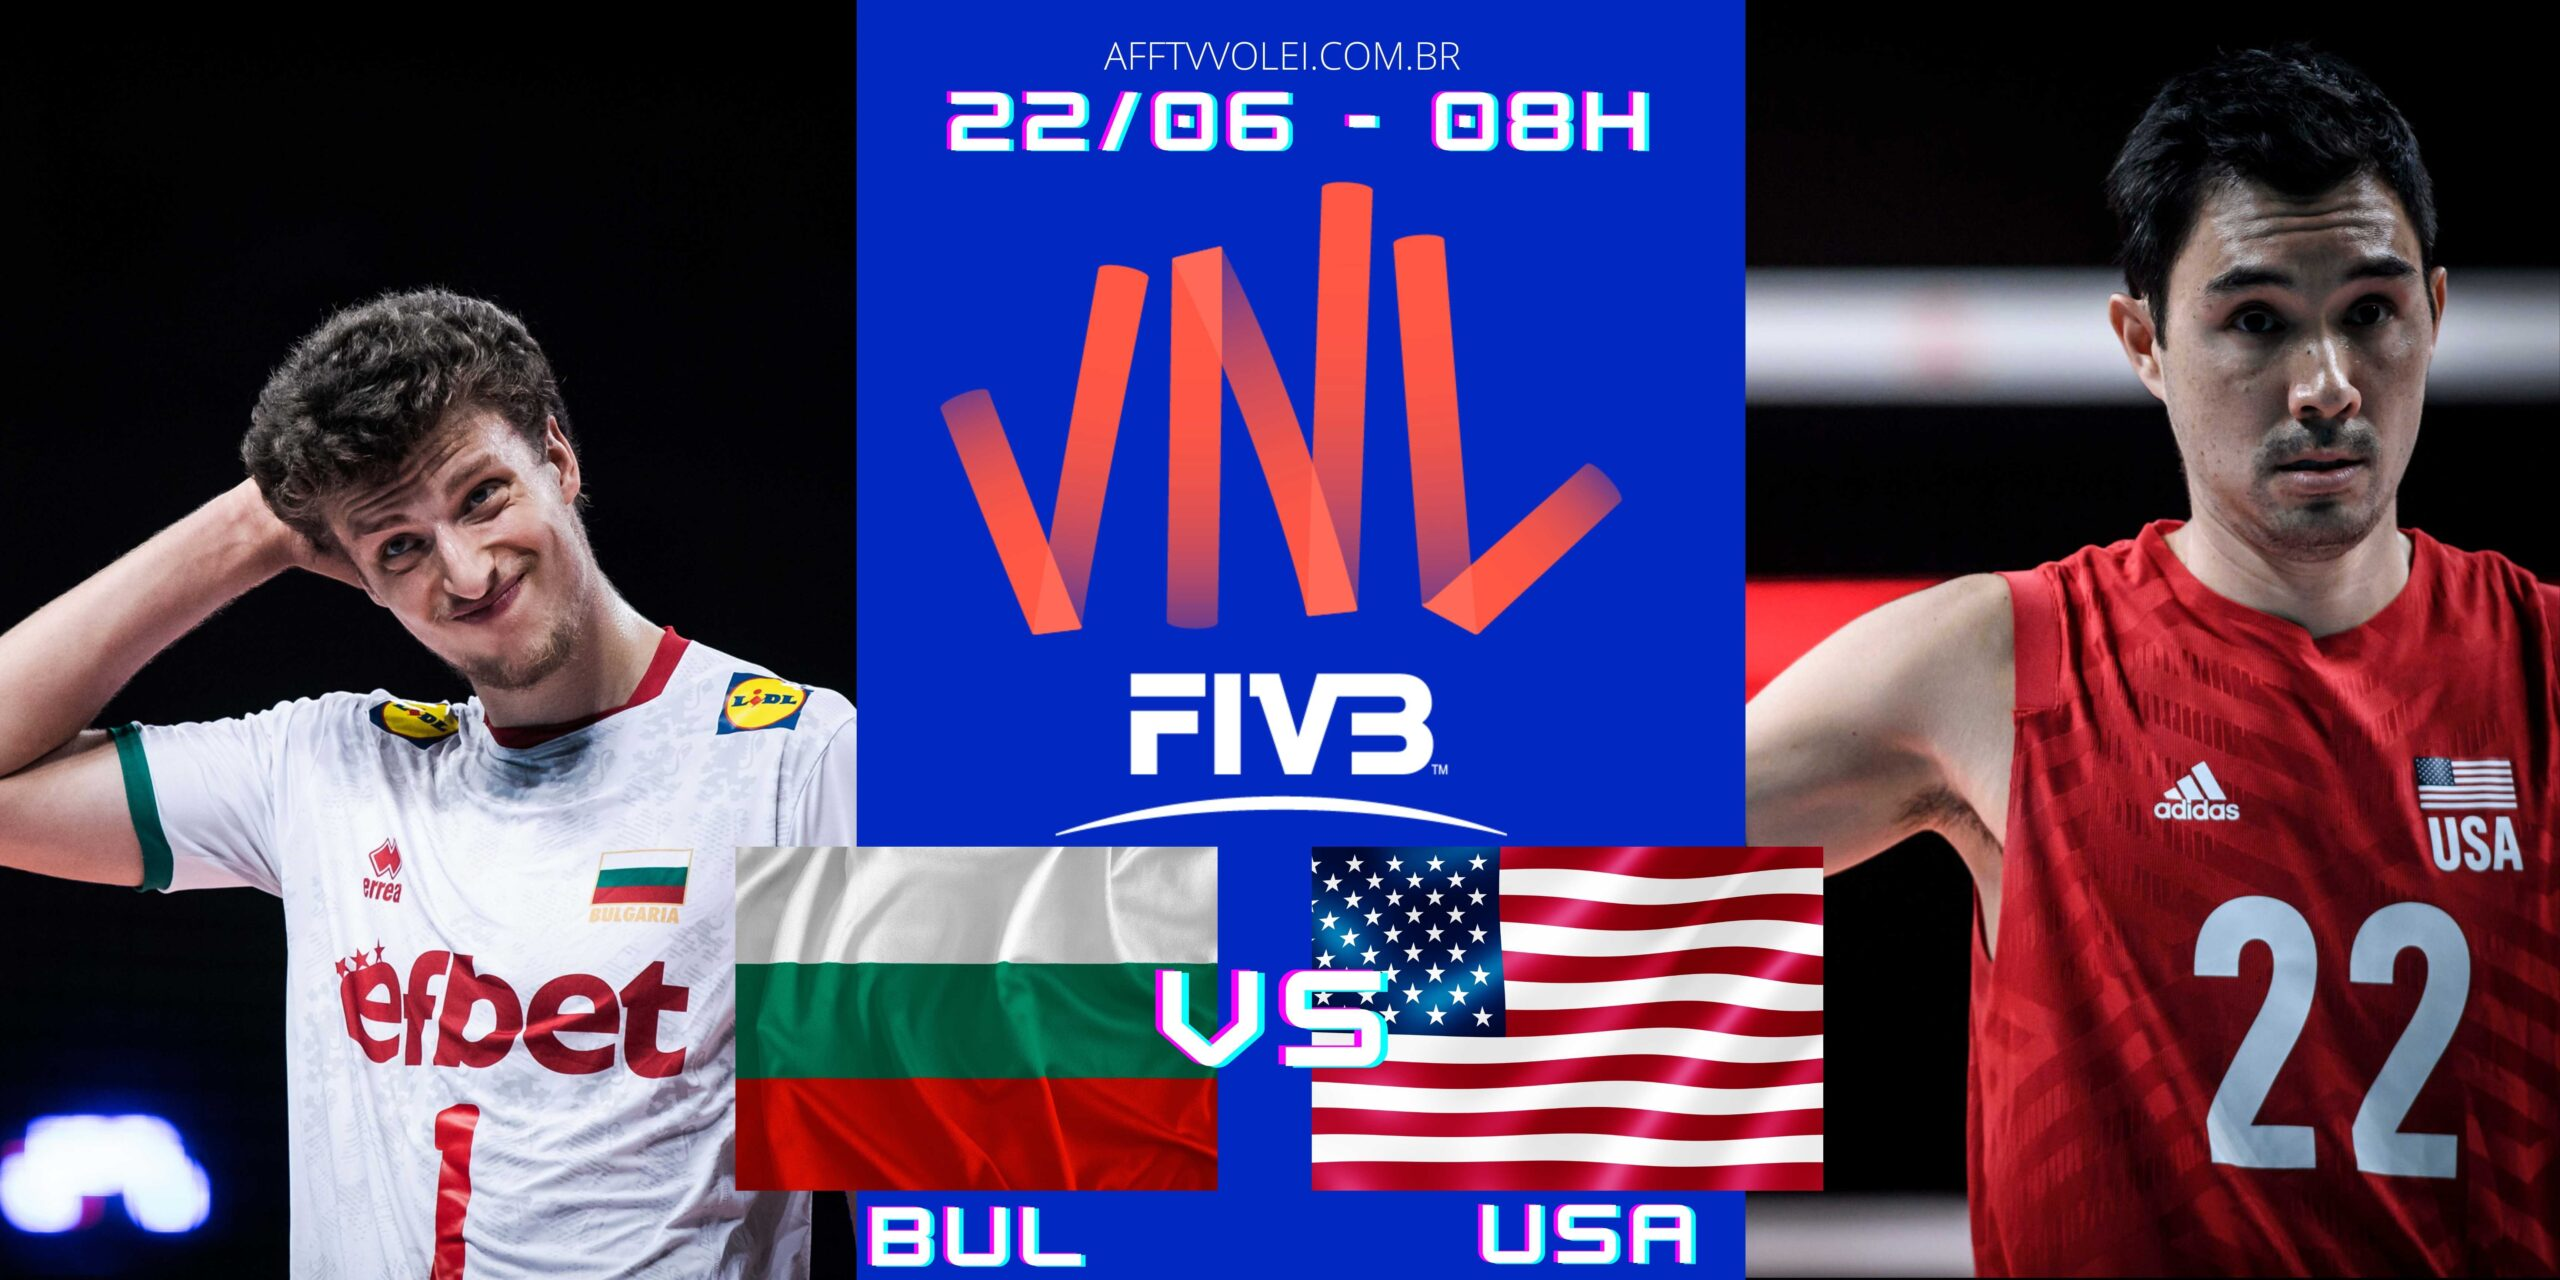 Bulgária 0 vs 3 USA – Liga das Nações – 22/06/2021